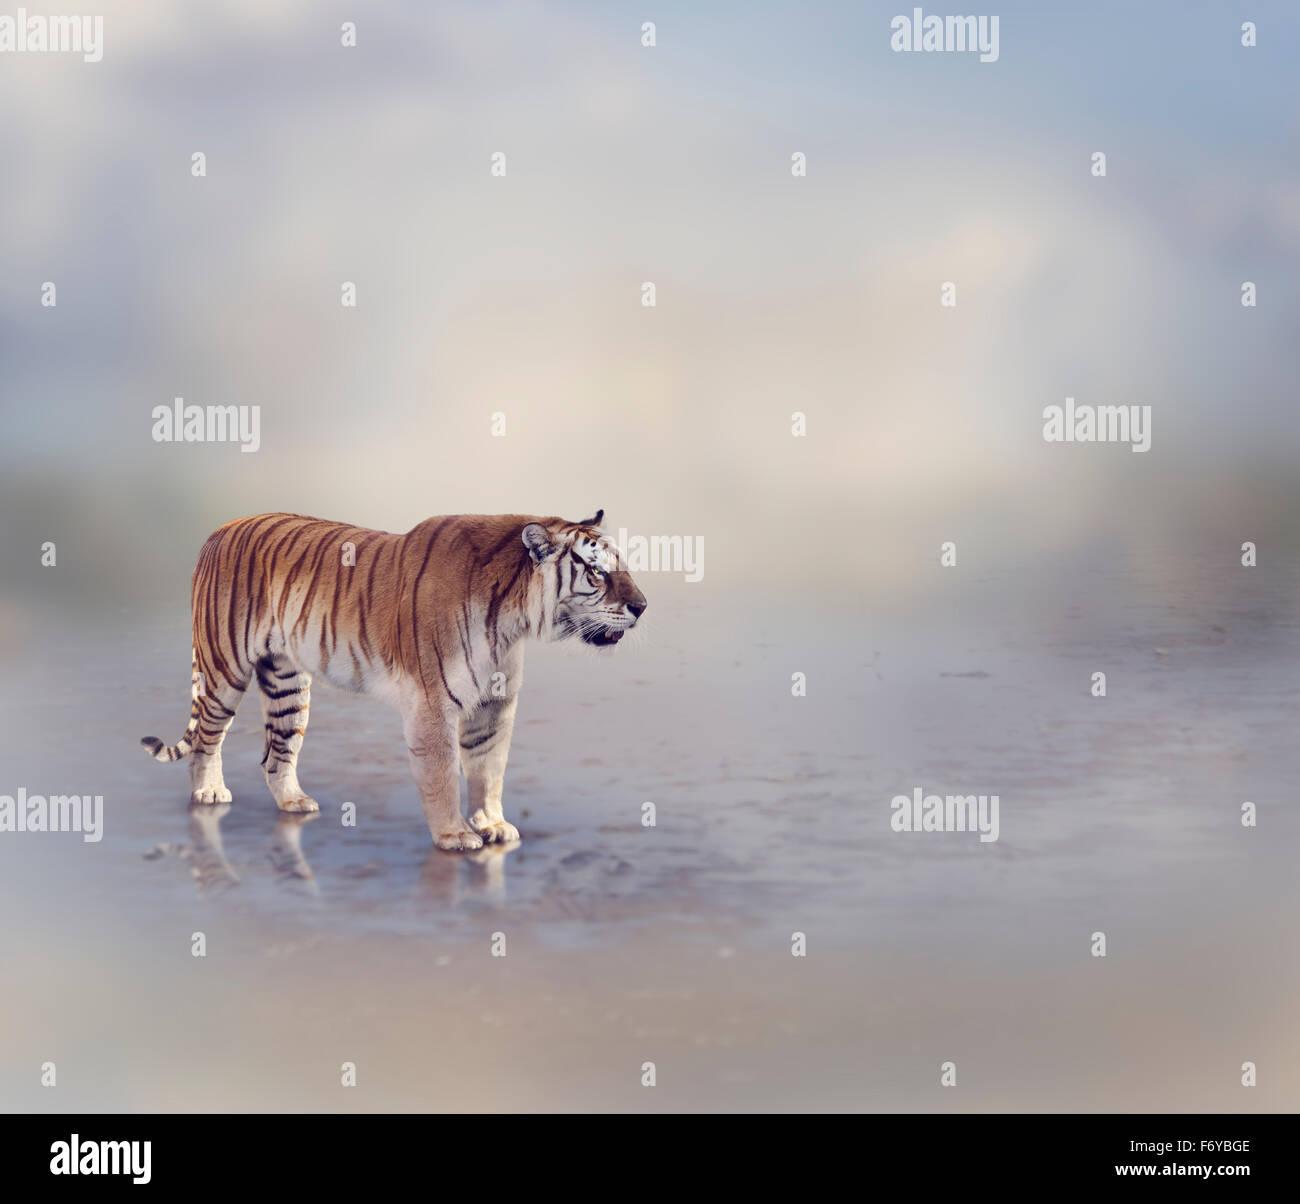 Tiger cerca del agua con reflejos Imagen De Stock